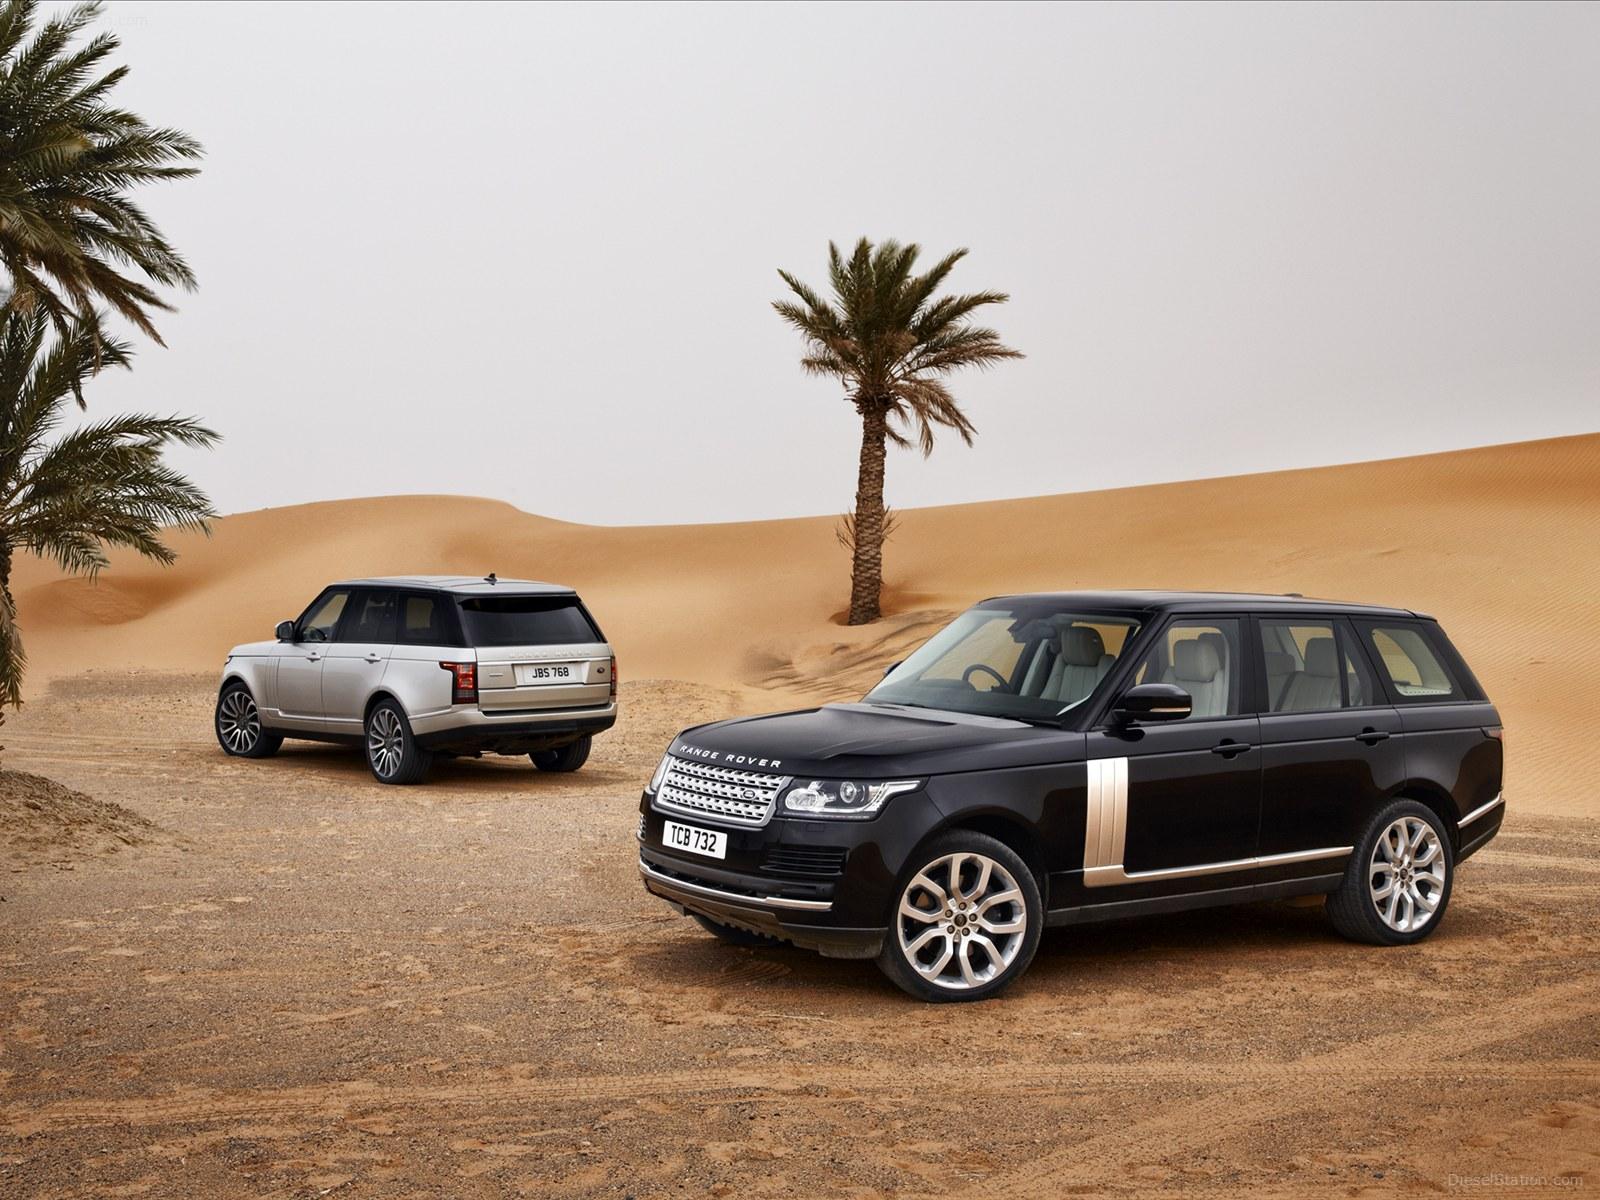 http://1.bp.blogspot.com/-AyOIqS2xCHw/UNWwwKgyziI/AAAAAAAAAiE/9Aooo72RJNM/s1600/Land-Rover-Range-Rover-2013-27.jpg